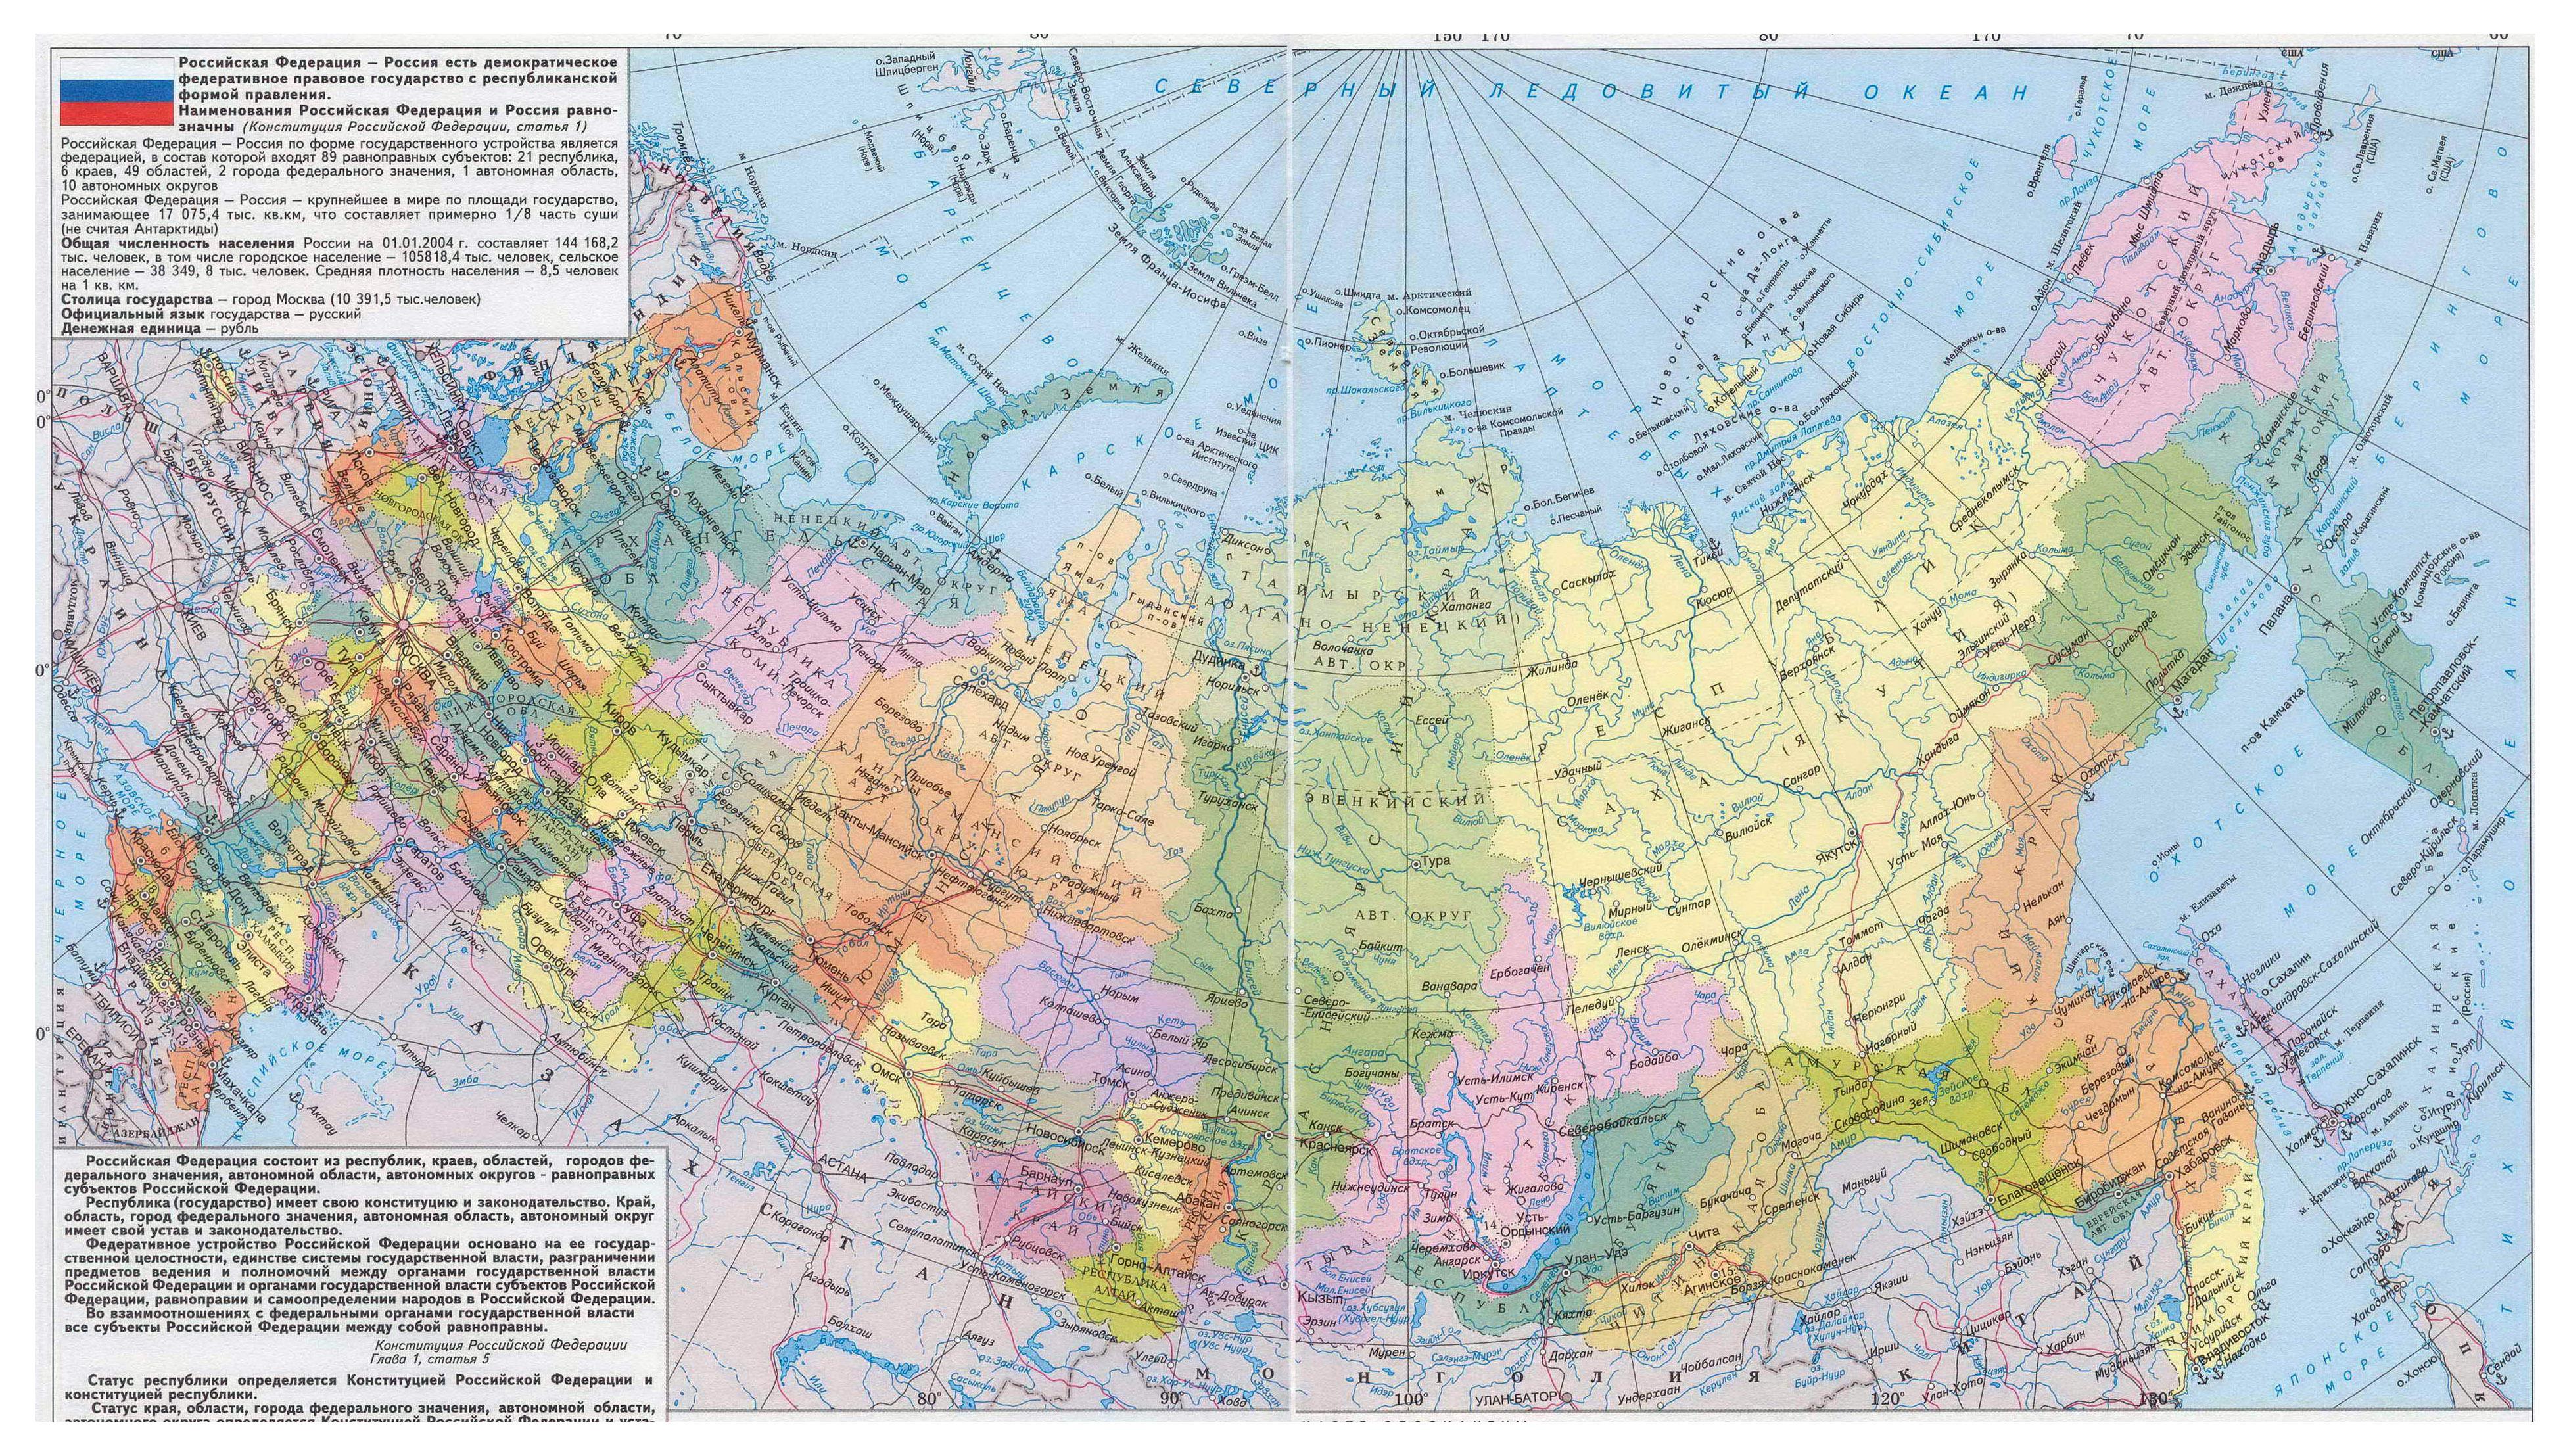 Ciudades De Rusia Mapa.Grande Detallado Mapa Politico Y Administrativo De Rusia Con